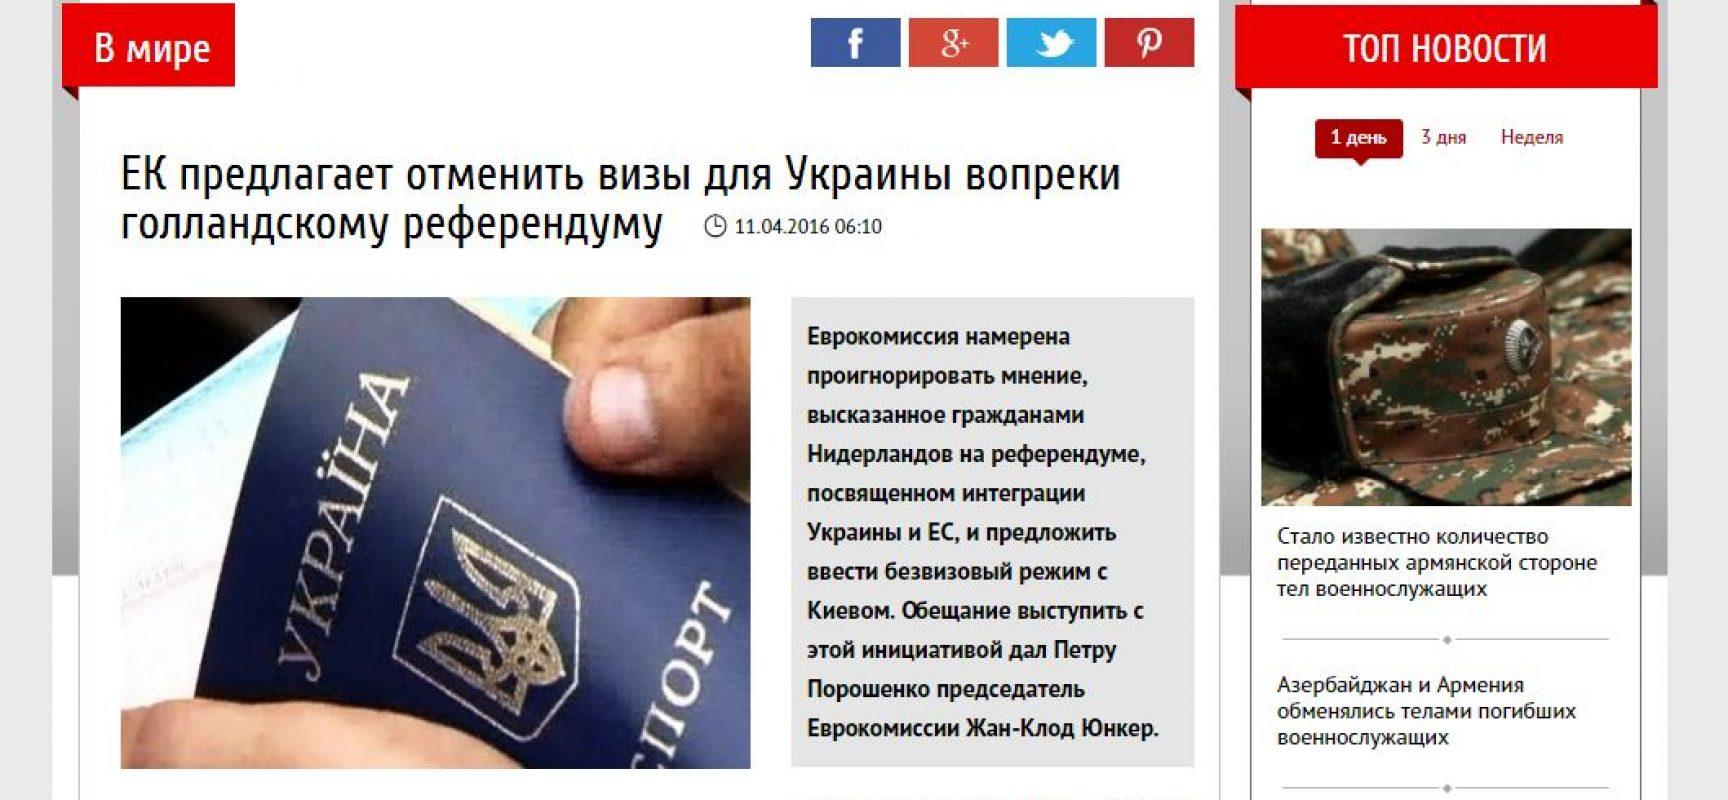 Fake: La Commissione Europea propone di abolire i visti per l'Ucraina nonostante i risultati del referendum olandese